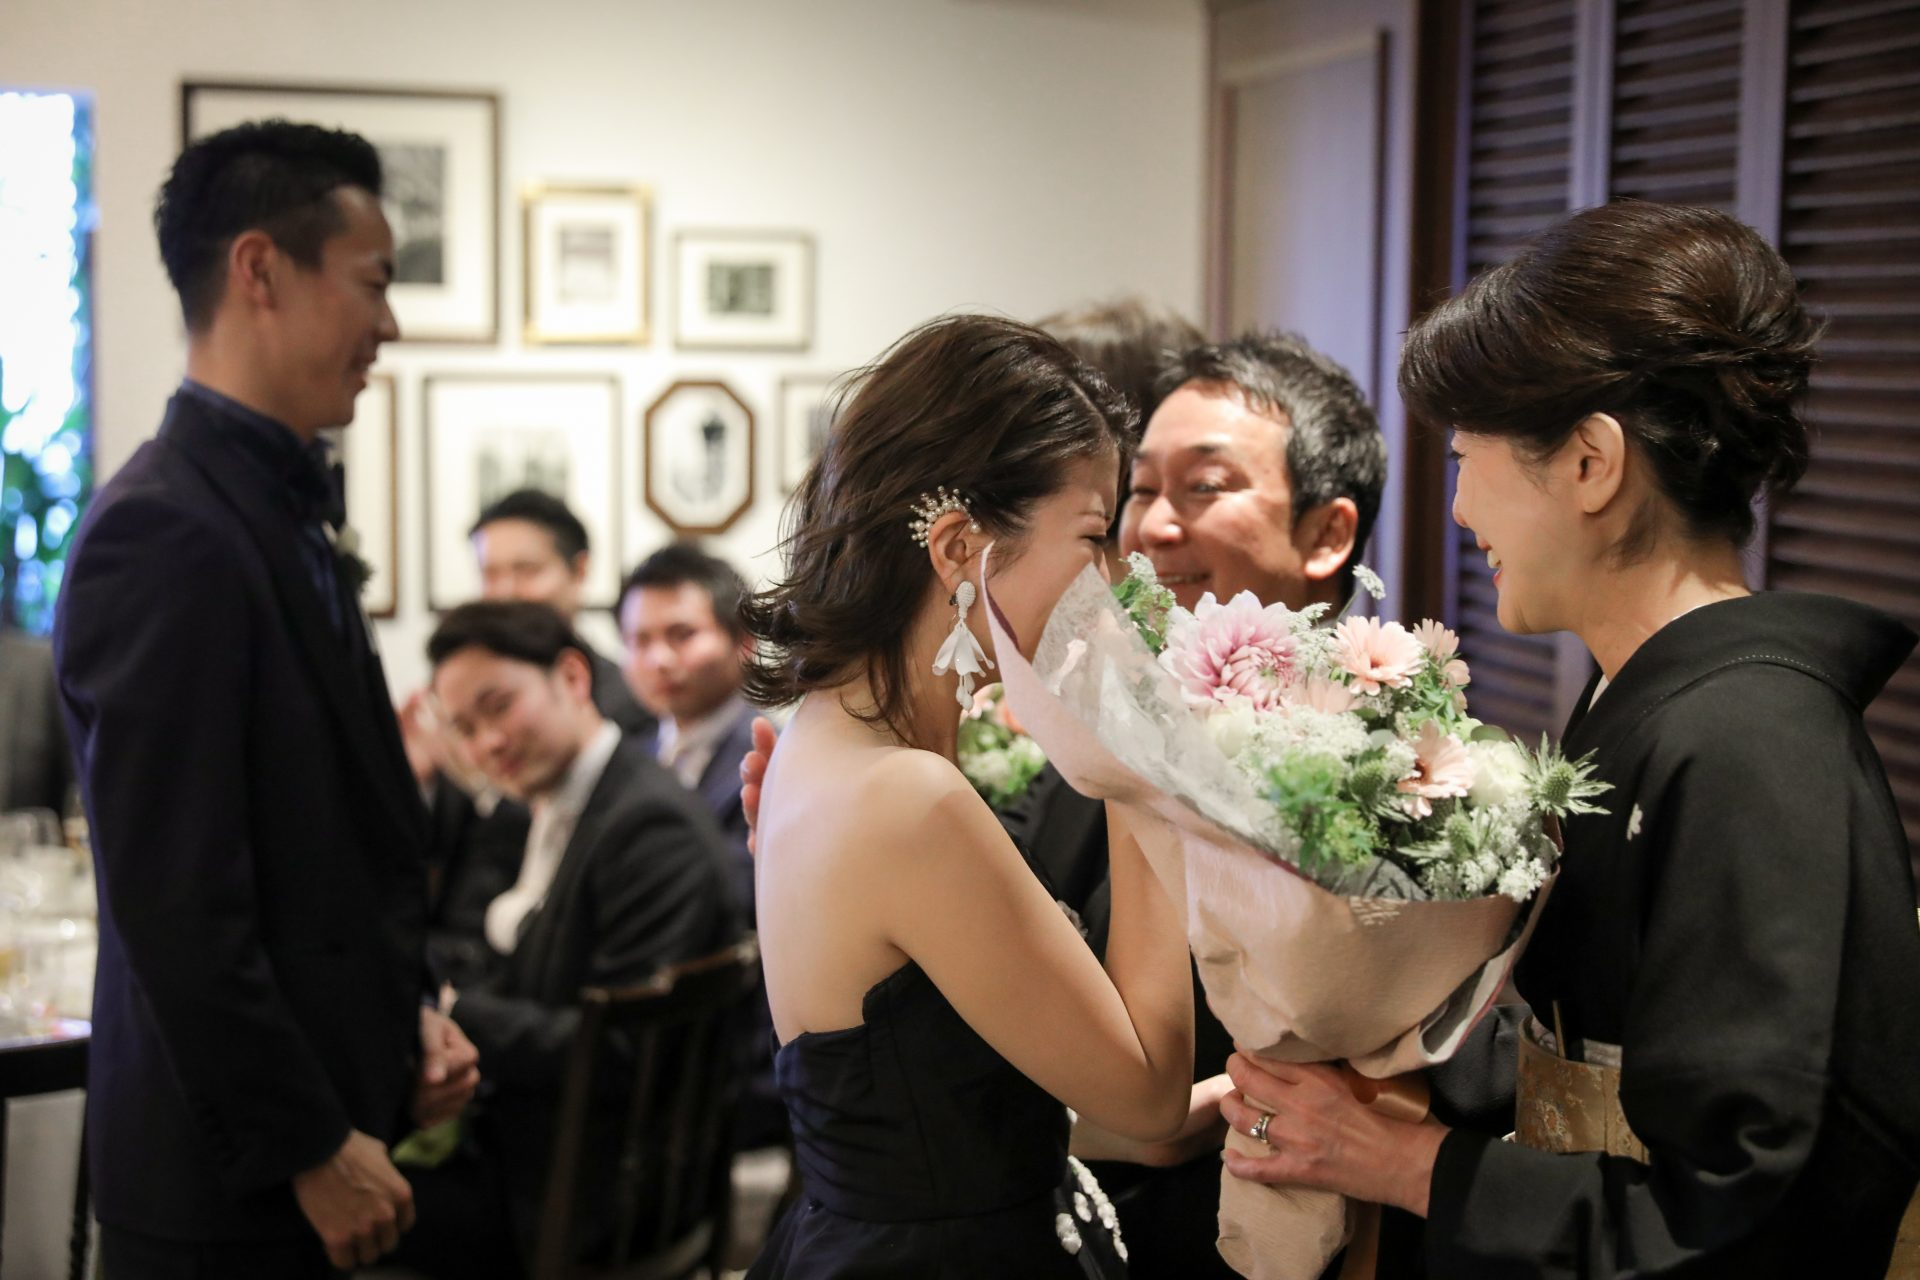 フォーチュンガーデン京都で挙式を挙げられる方にご紹介したいシックなコーディネートの新郎新婦様